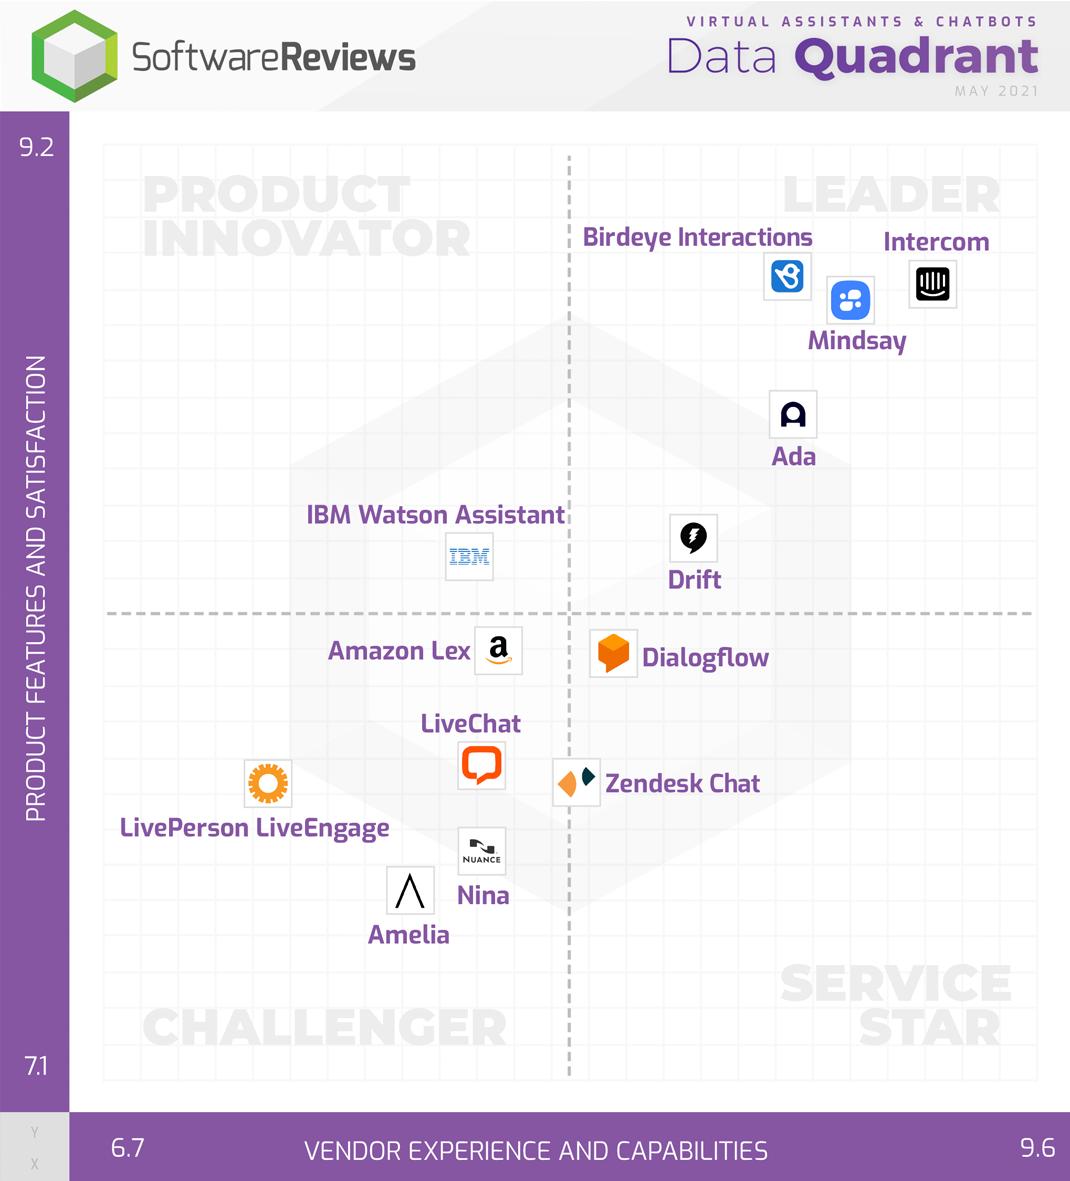 Virtual Assistants & Chatbots Data Quadrant